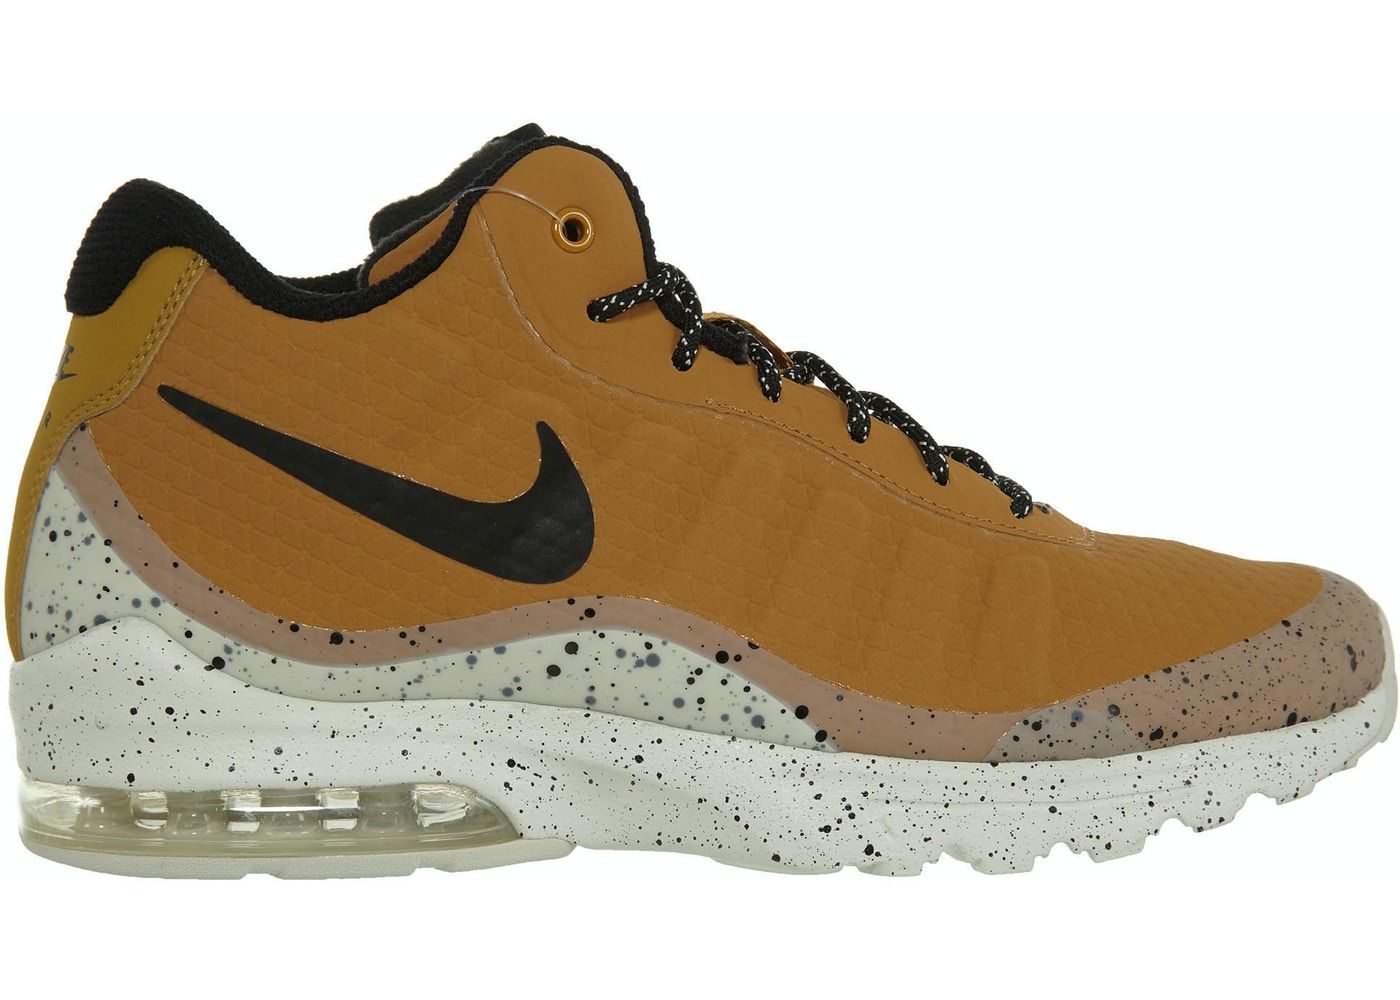 defecto Torbellino Silicio  Nike Air Max Invigor Mid Wheat Black-Light Bone - 858654-700